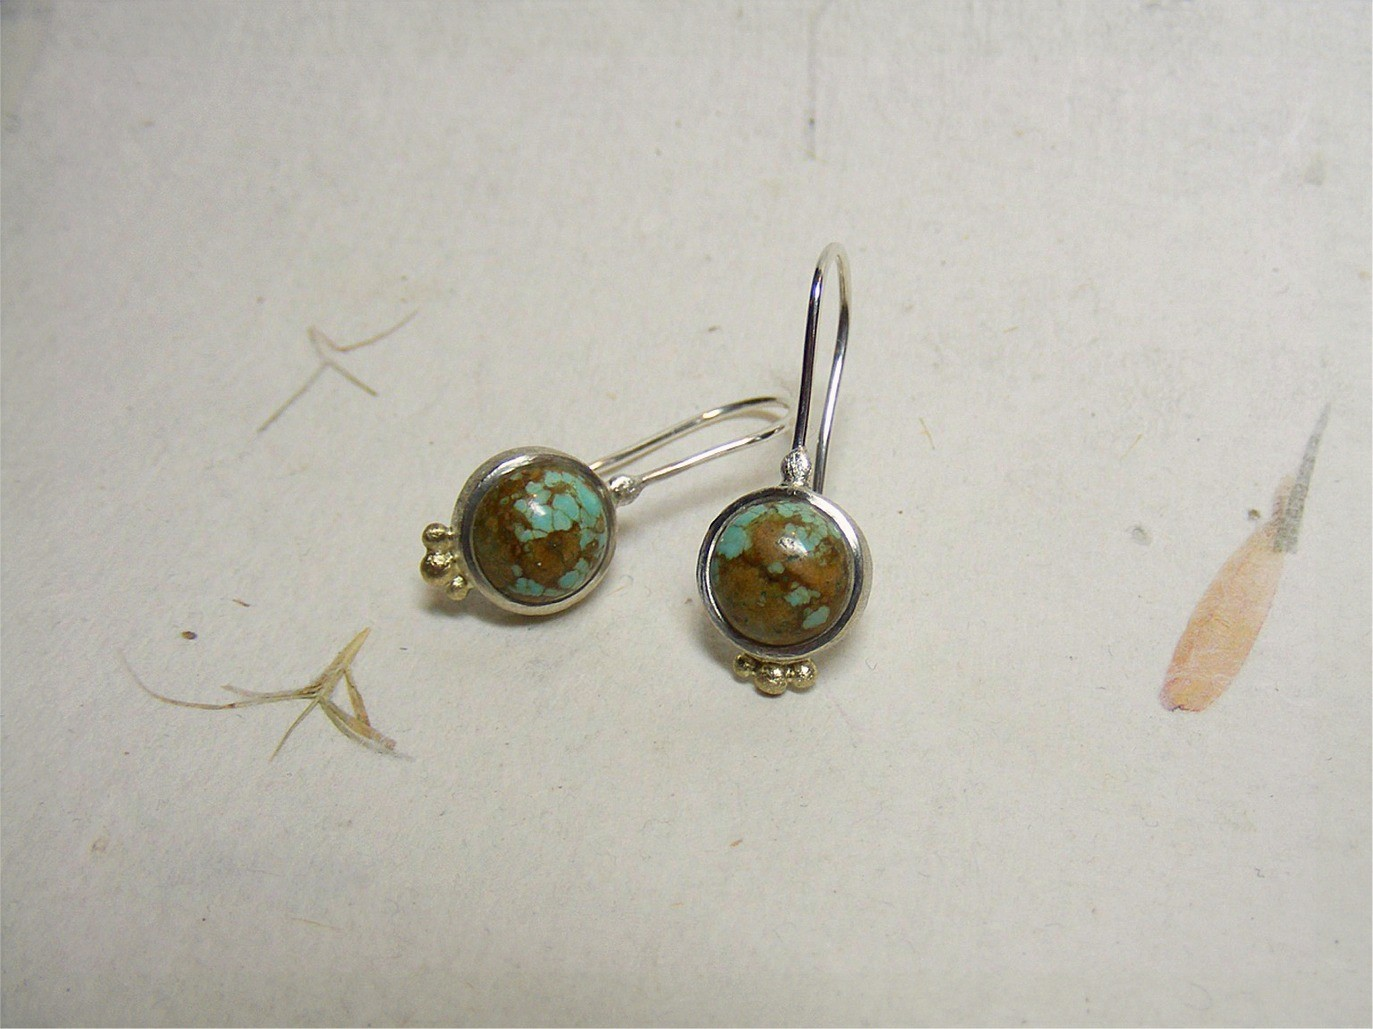 zilver, 14kt geelgoud en turquoisen (Tibet) VERKOCHT